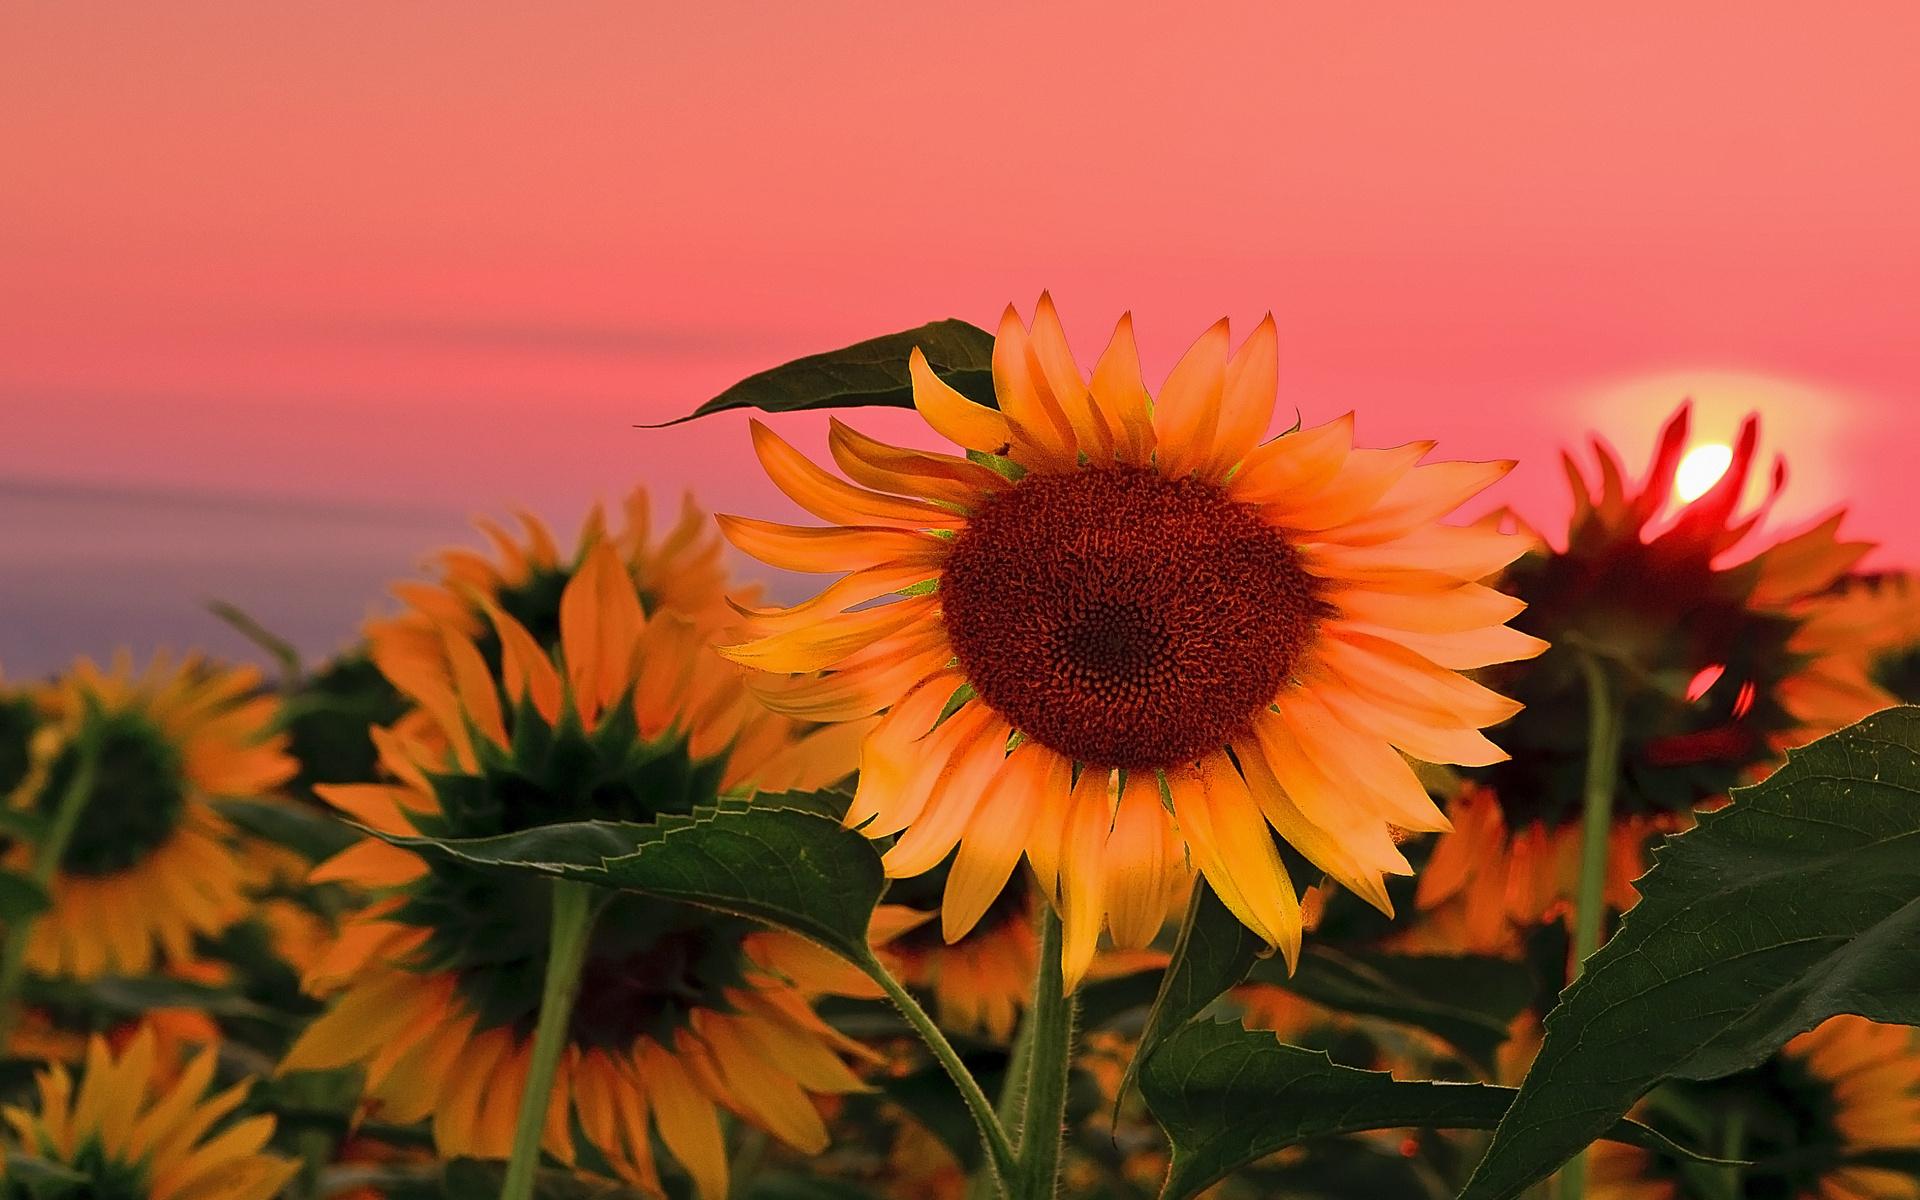 field sunflowers sunset wallpaper 1920x1200 101196